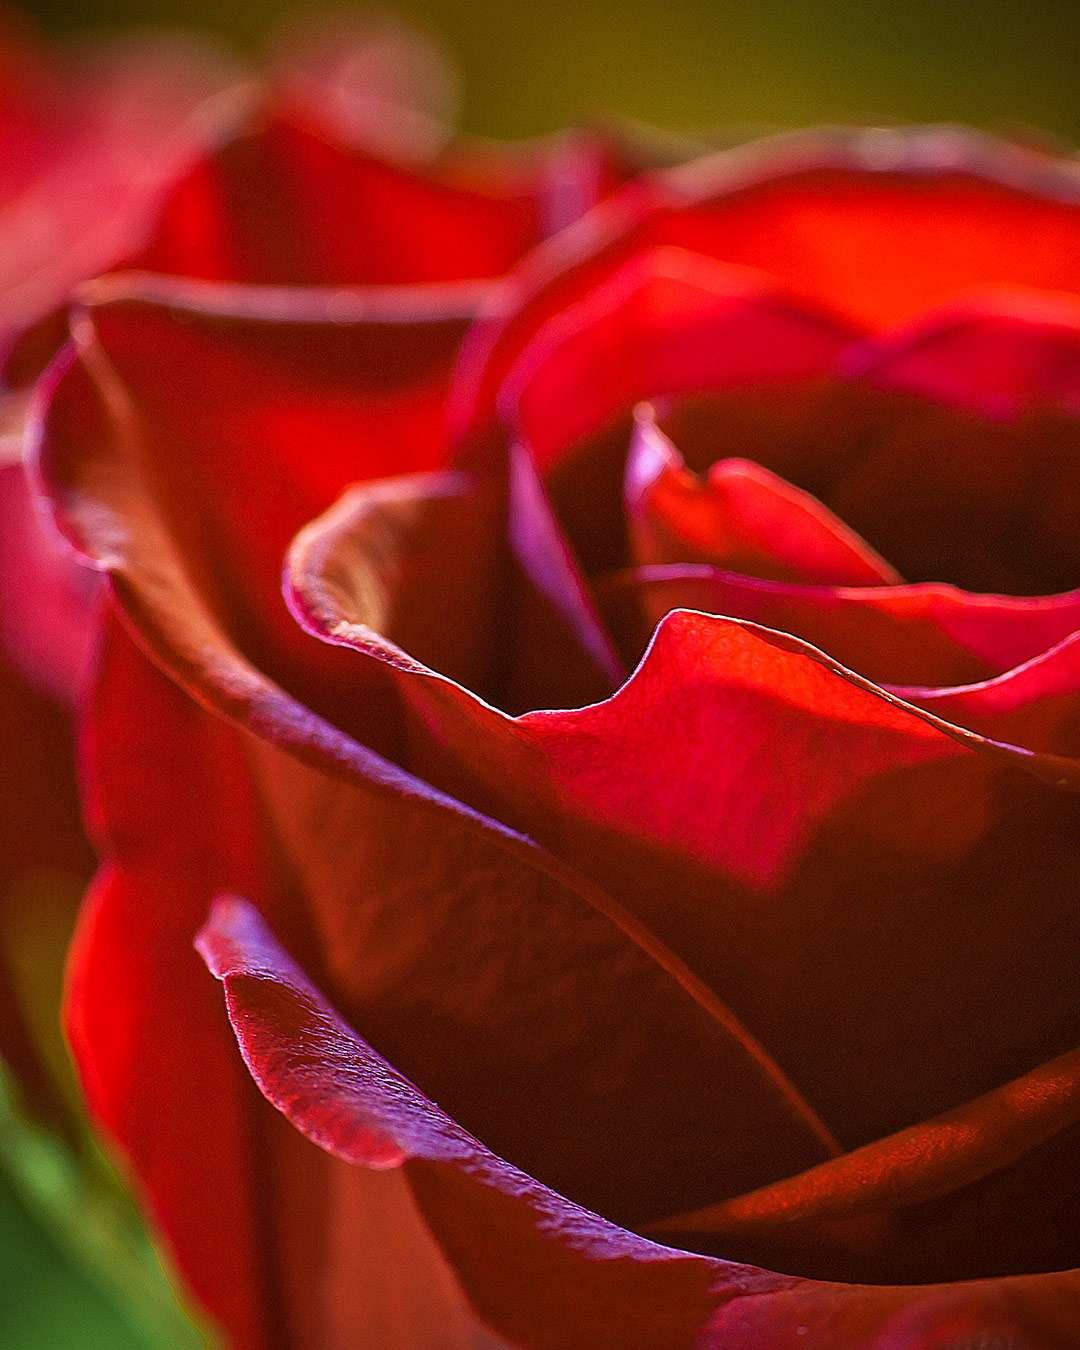 Rød rose sætter temperementet i vejret